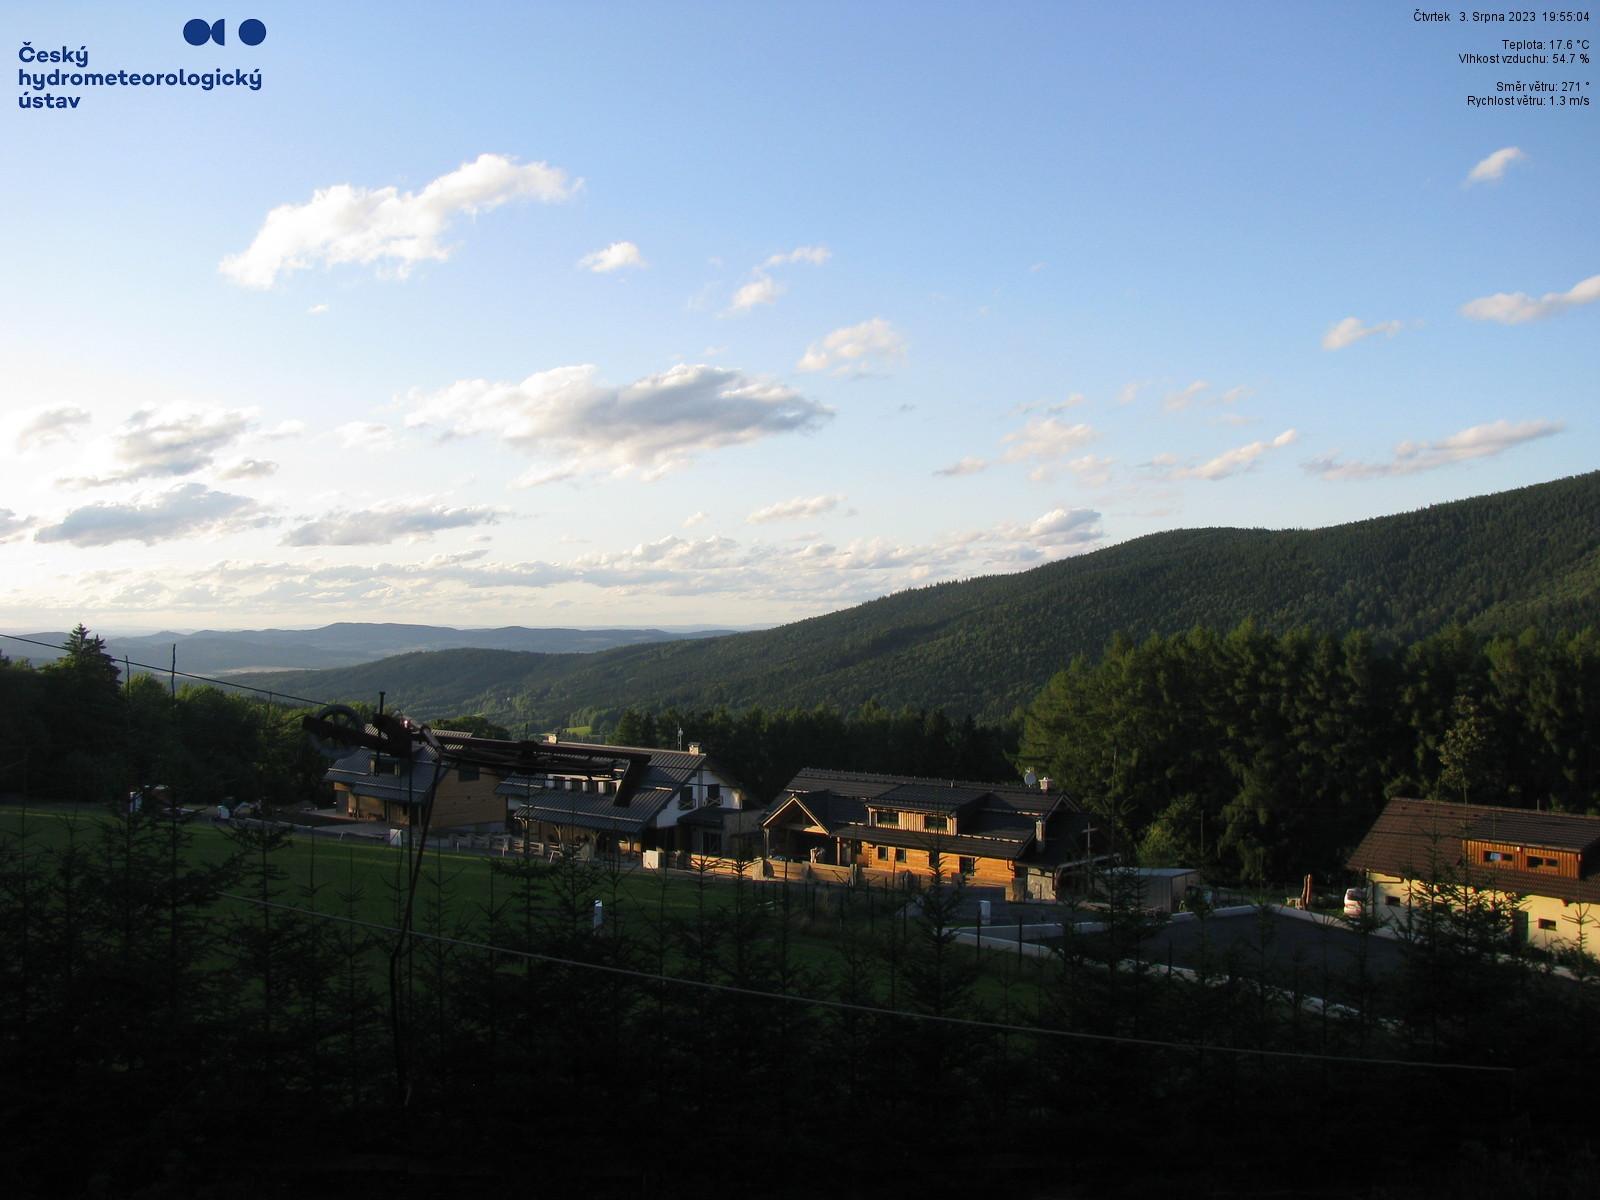 Webcam - Hojsova Stráž